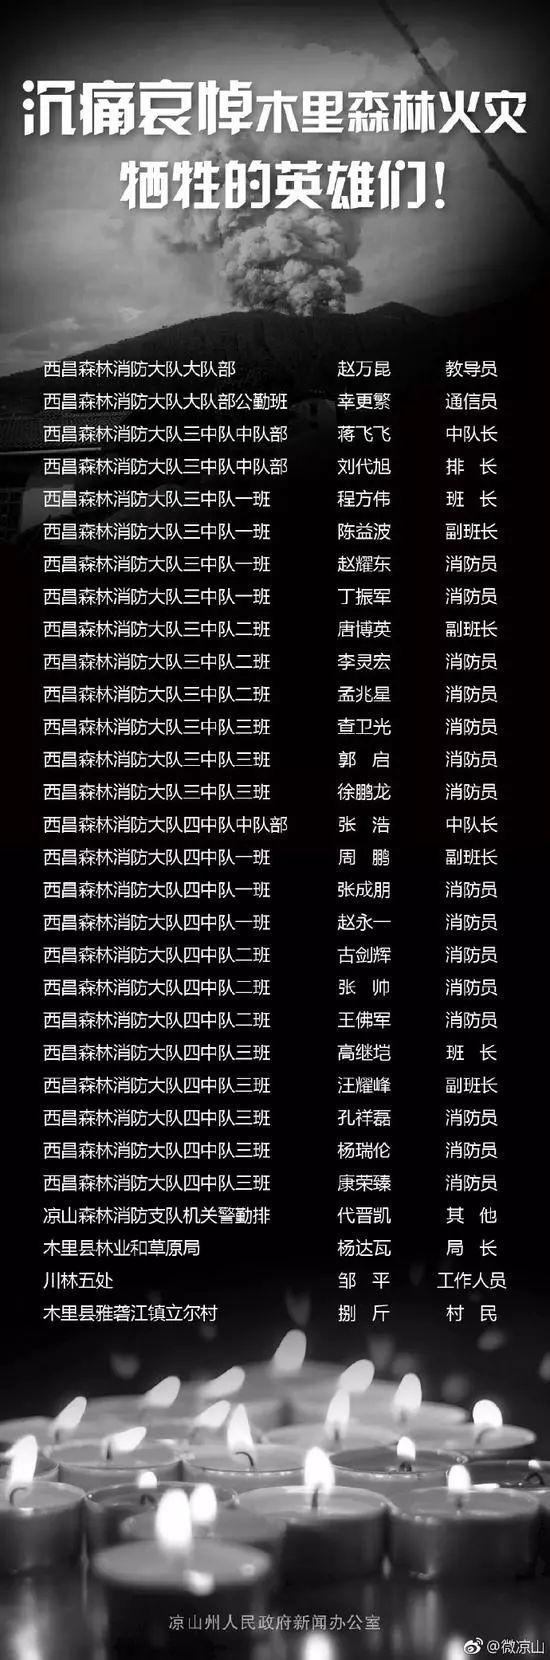 30位牺牲的救火英雄名单公布,致敬!